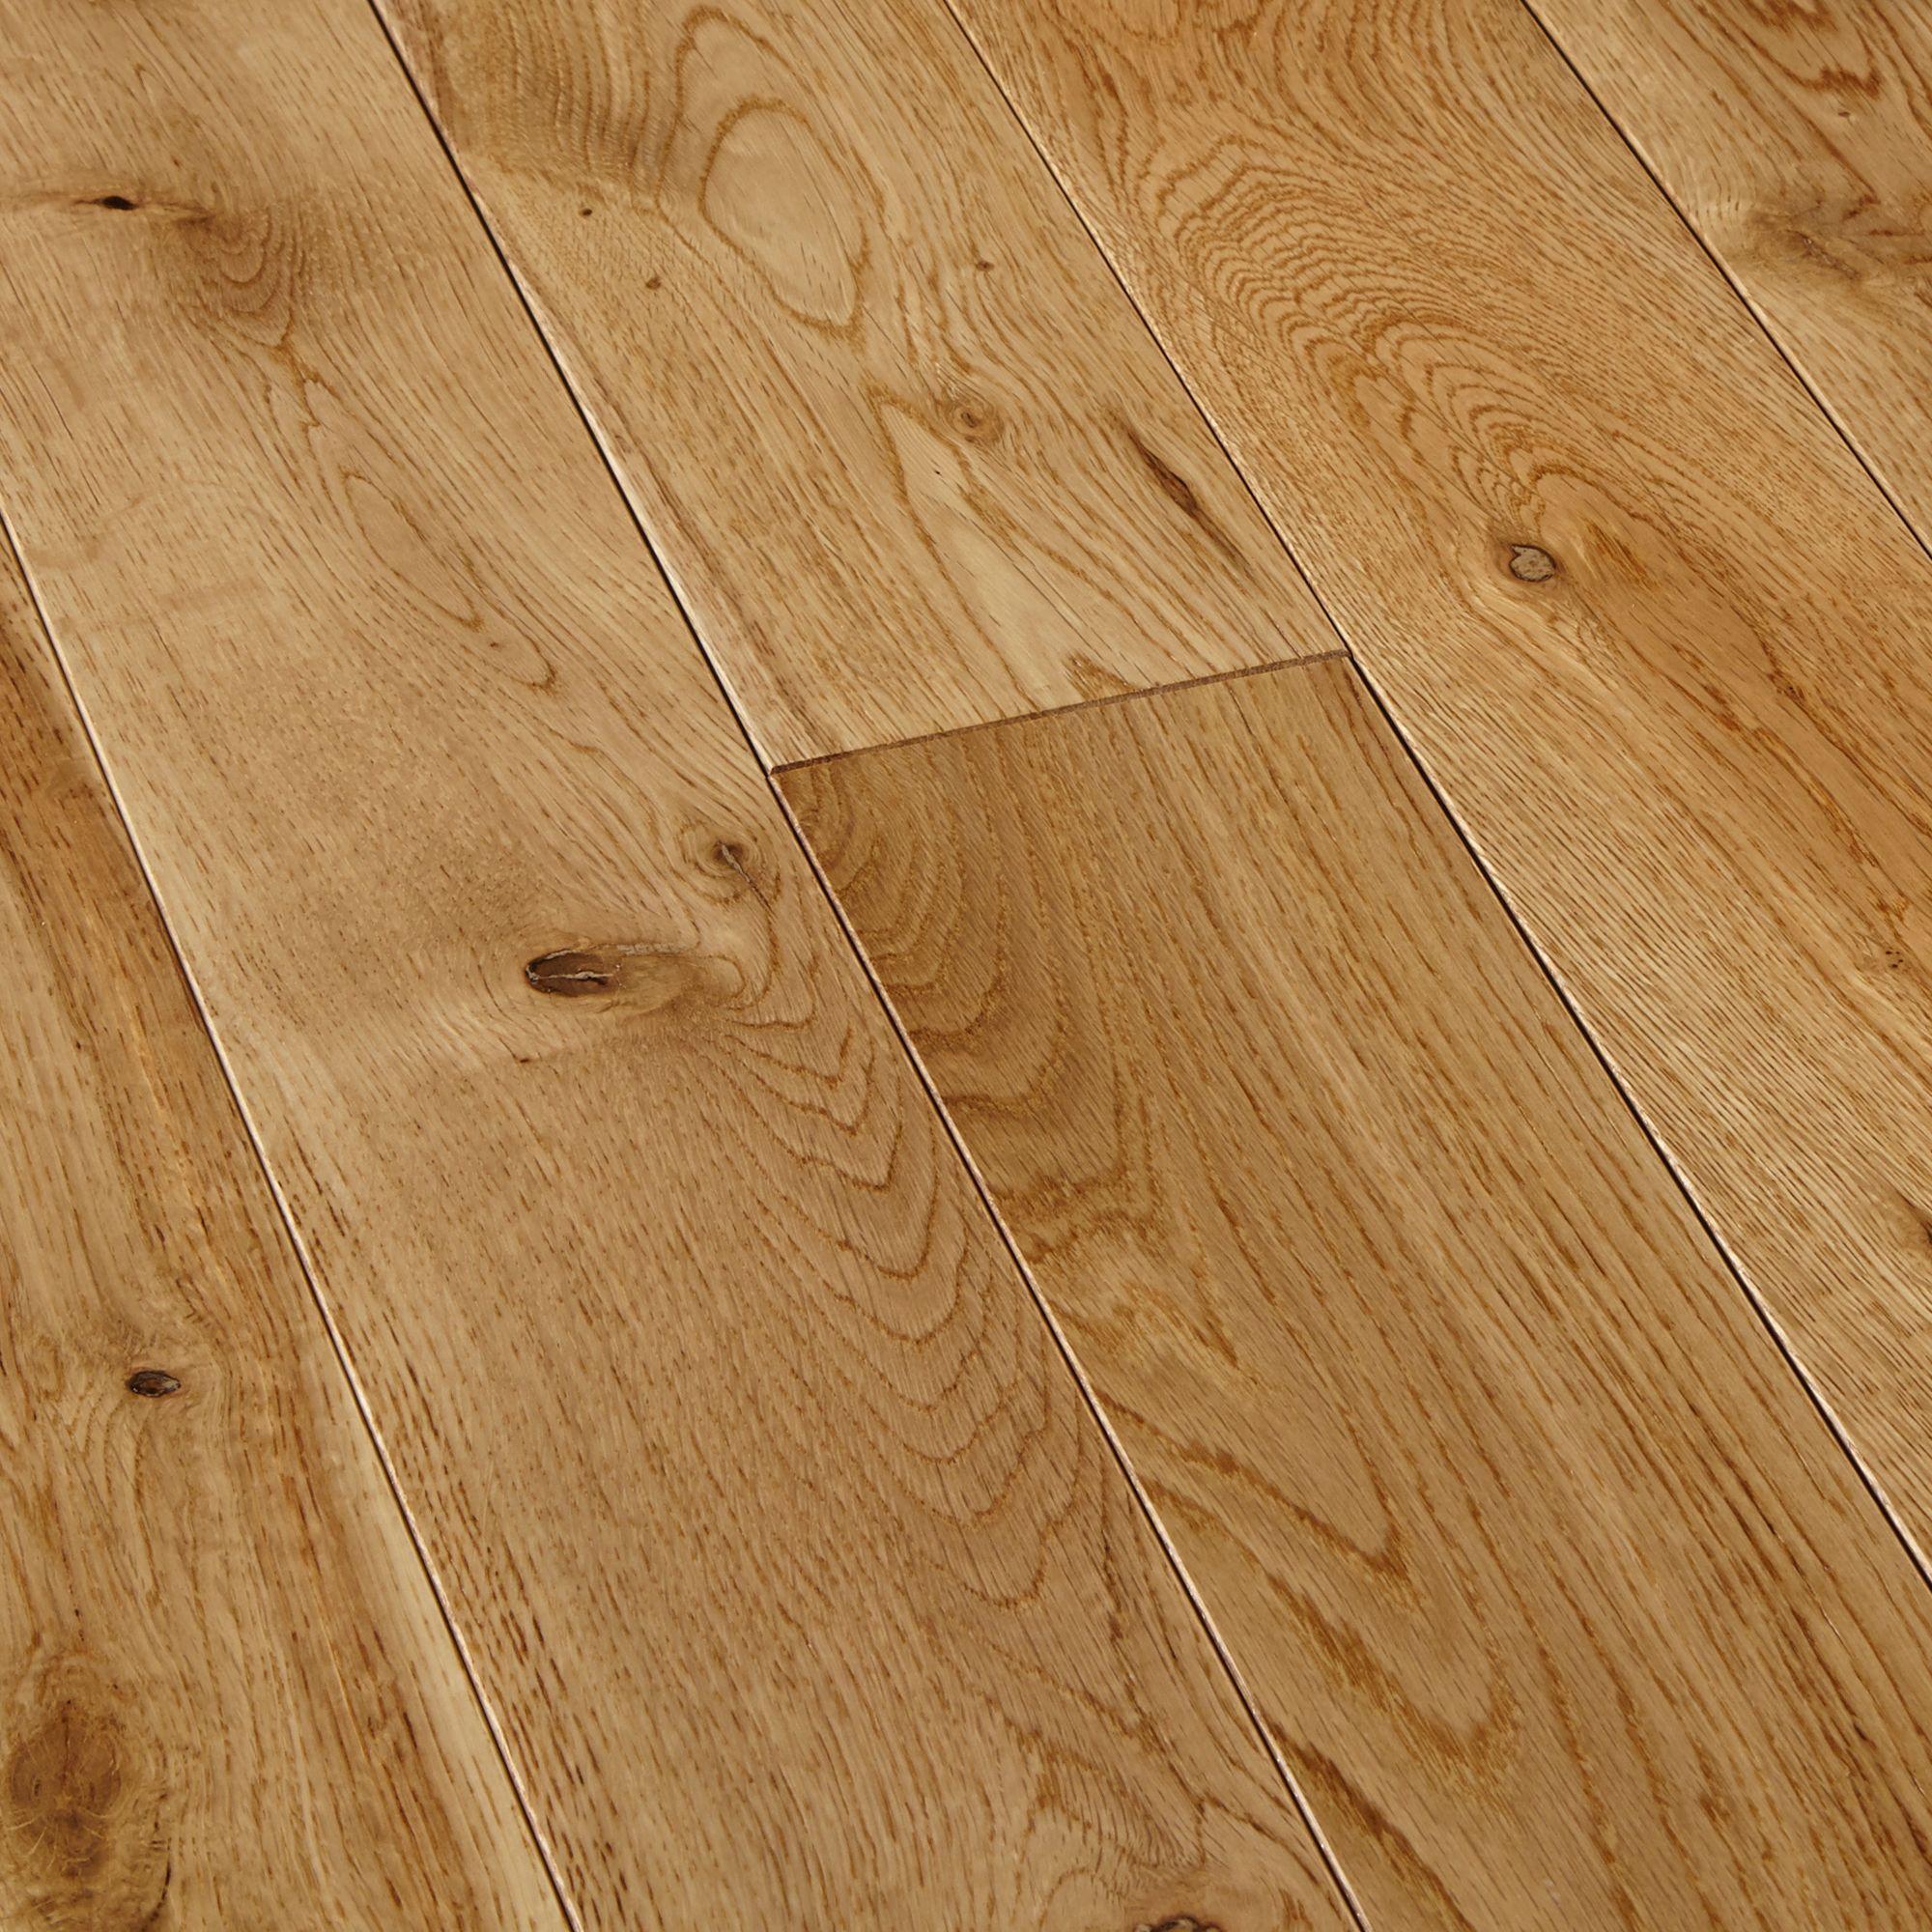 Vinyl Real Wood Flooring: Vinyl Wood Flooring